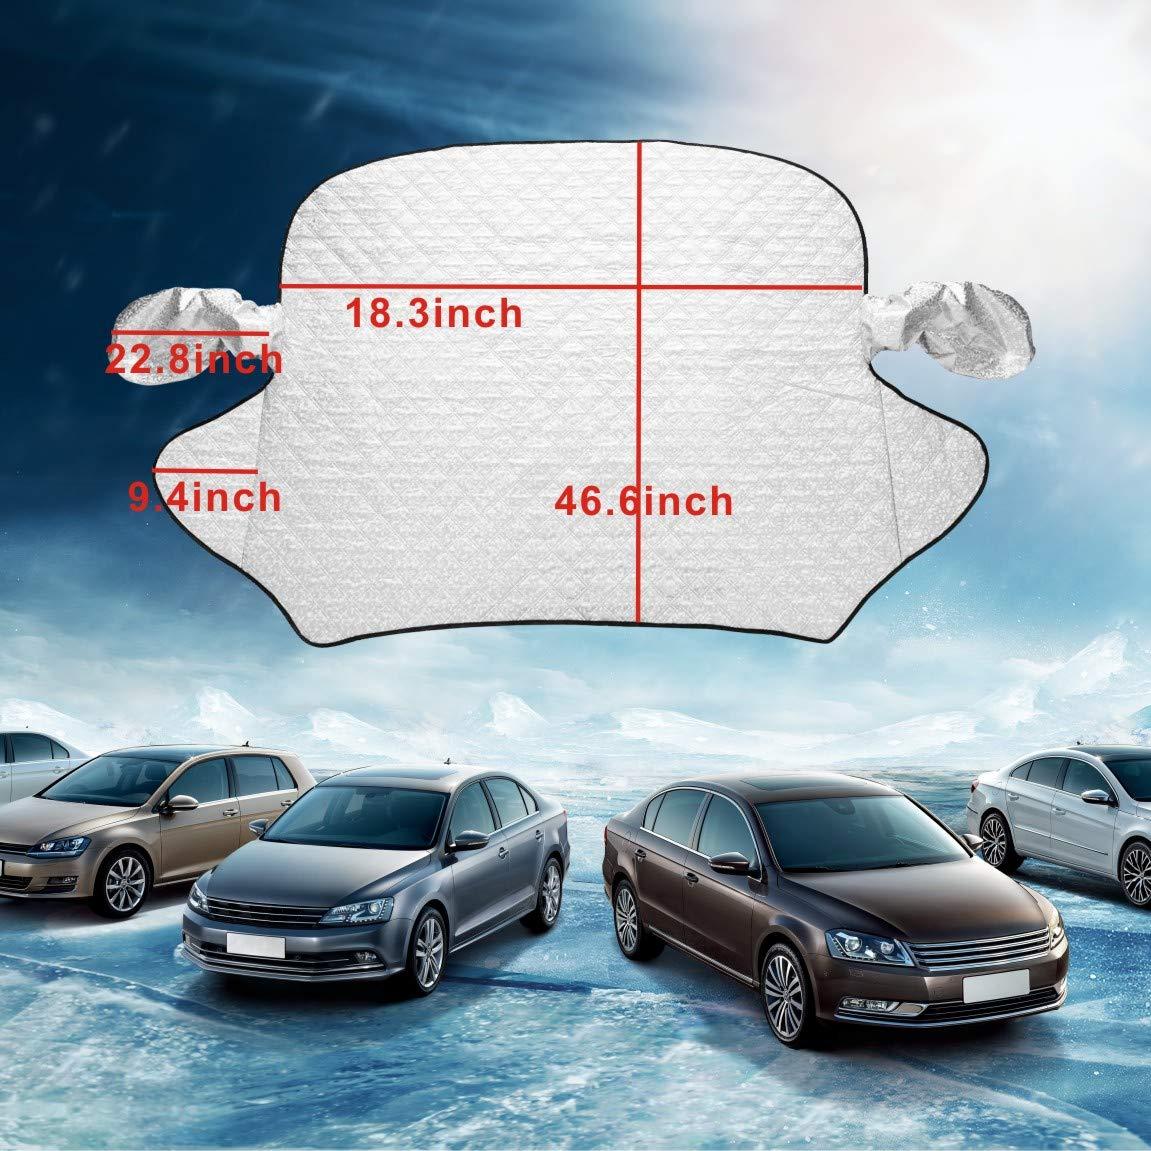 Idefair Funda Protectora para Parabrisas de Coche 59 x 47 Todos los a/ños Ideal Ultra Gruesa SUV Cubierta para Parabrisas de Invierno y Nieve Resistente al Agua para Coches Verano//Invierno